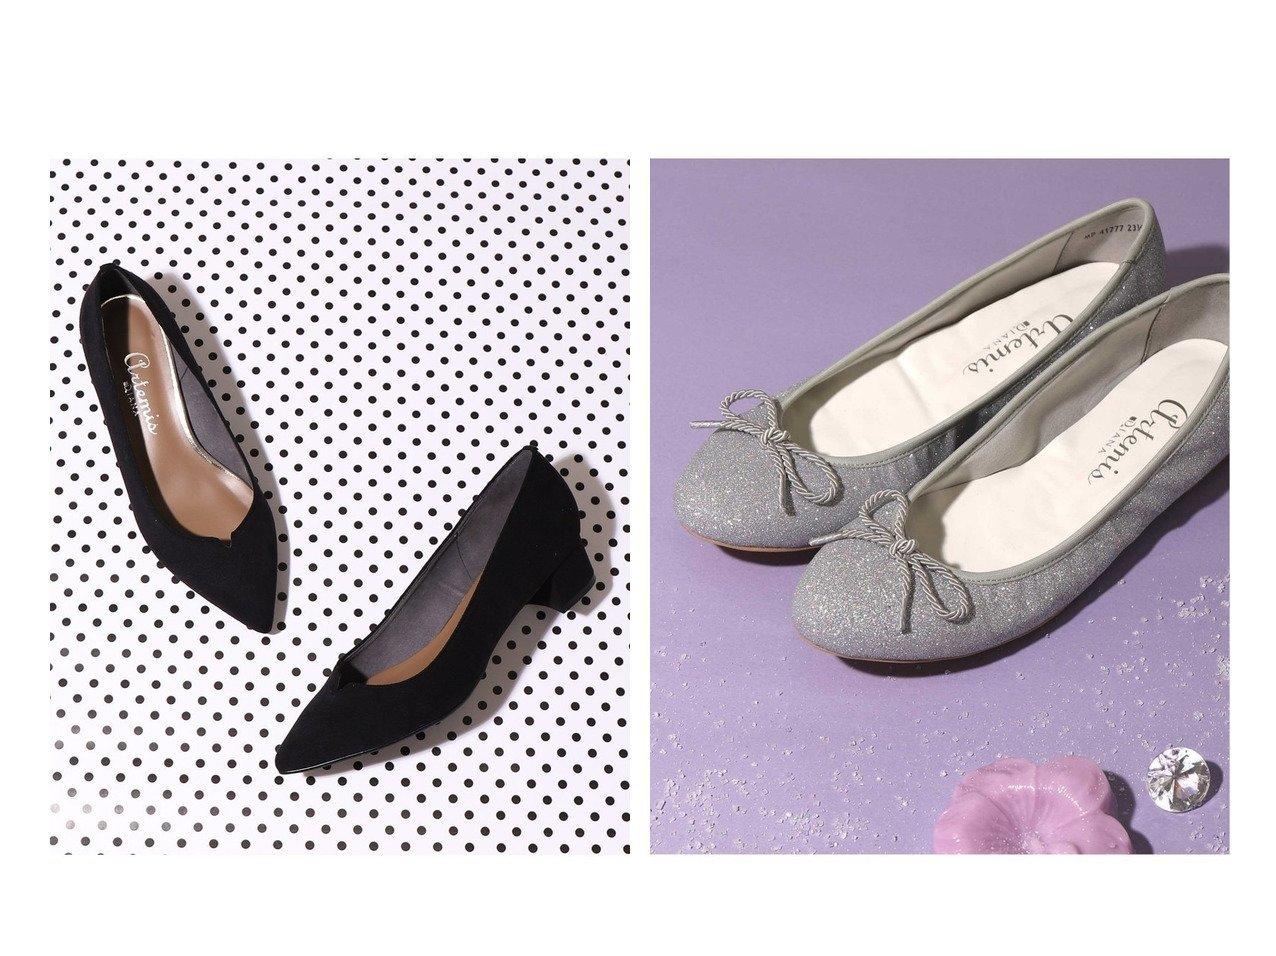 【artemis by DIANA/アルテミス バイ ダイアナ】のWEB販売【100g 超軽量】ラウンドトゥバレエシューズ&チャンキーヒールポインテッドトゥパンプス シューズ・靴のおすすめ!人気、トレンド・レディースファッションの通販 おすすめで人気の流行・トレンド、ファッションの通販商品 メンズファッション・キッズファッション・インテリア・家具・レディースファッション・服の通販 founy(ファニー) https://founy.com/ ファッション Fashion レディースファッション WOMEN クッション 抗菌 軽量 シューズ バレエ リボン おすすめ Recommend NEW・新作・新着・新入荷 New Arrivals シンプル スエード |ID:crp329100000023353